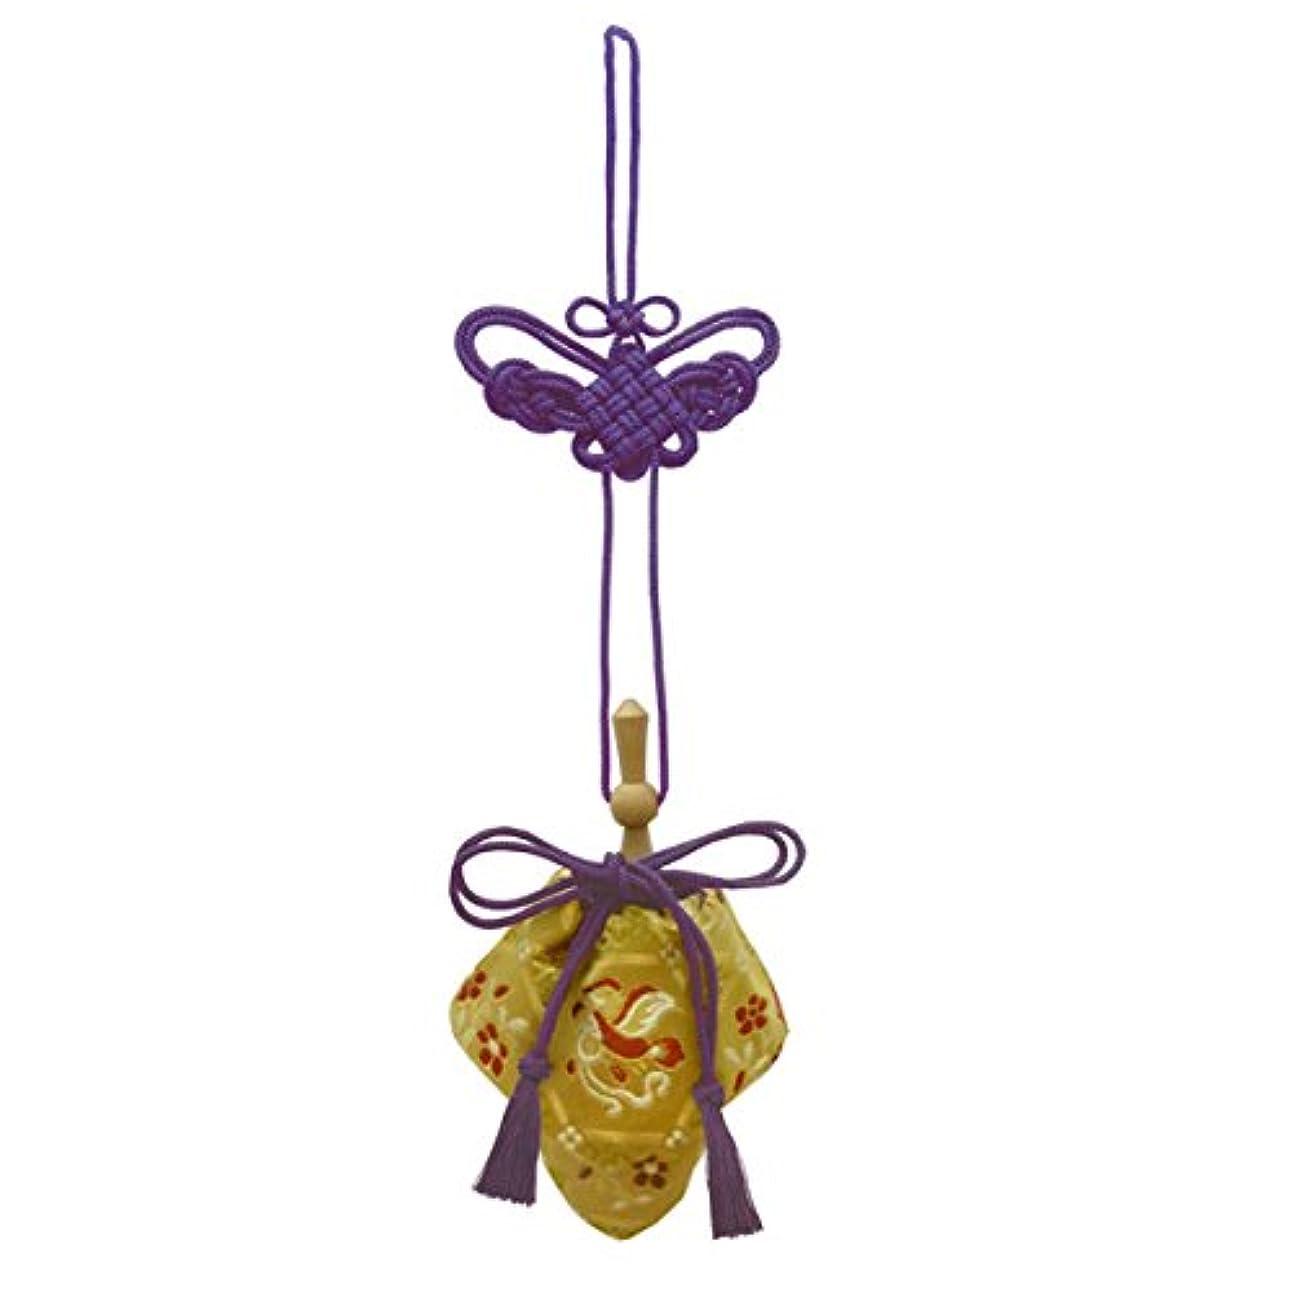 香ばしい旋律的クラッシュ訶梨勒 極品 桐箱入 鳳凰 (紫紐)